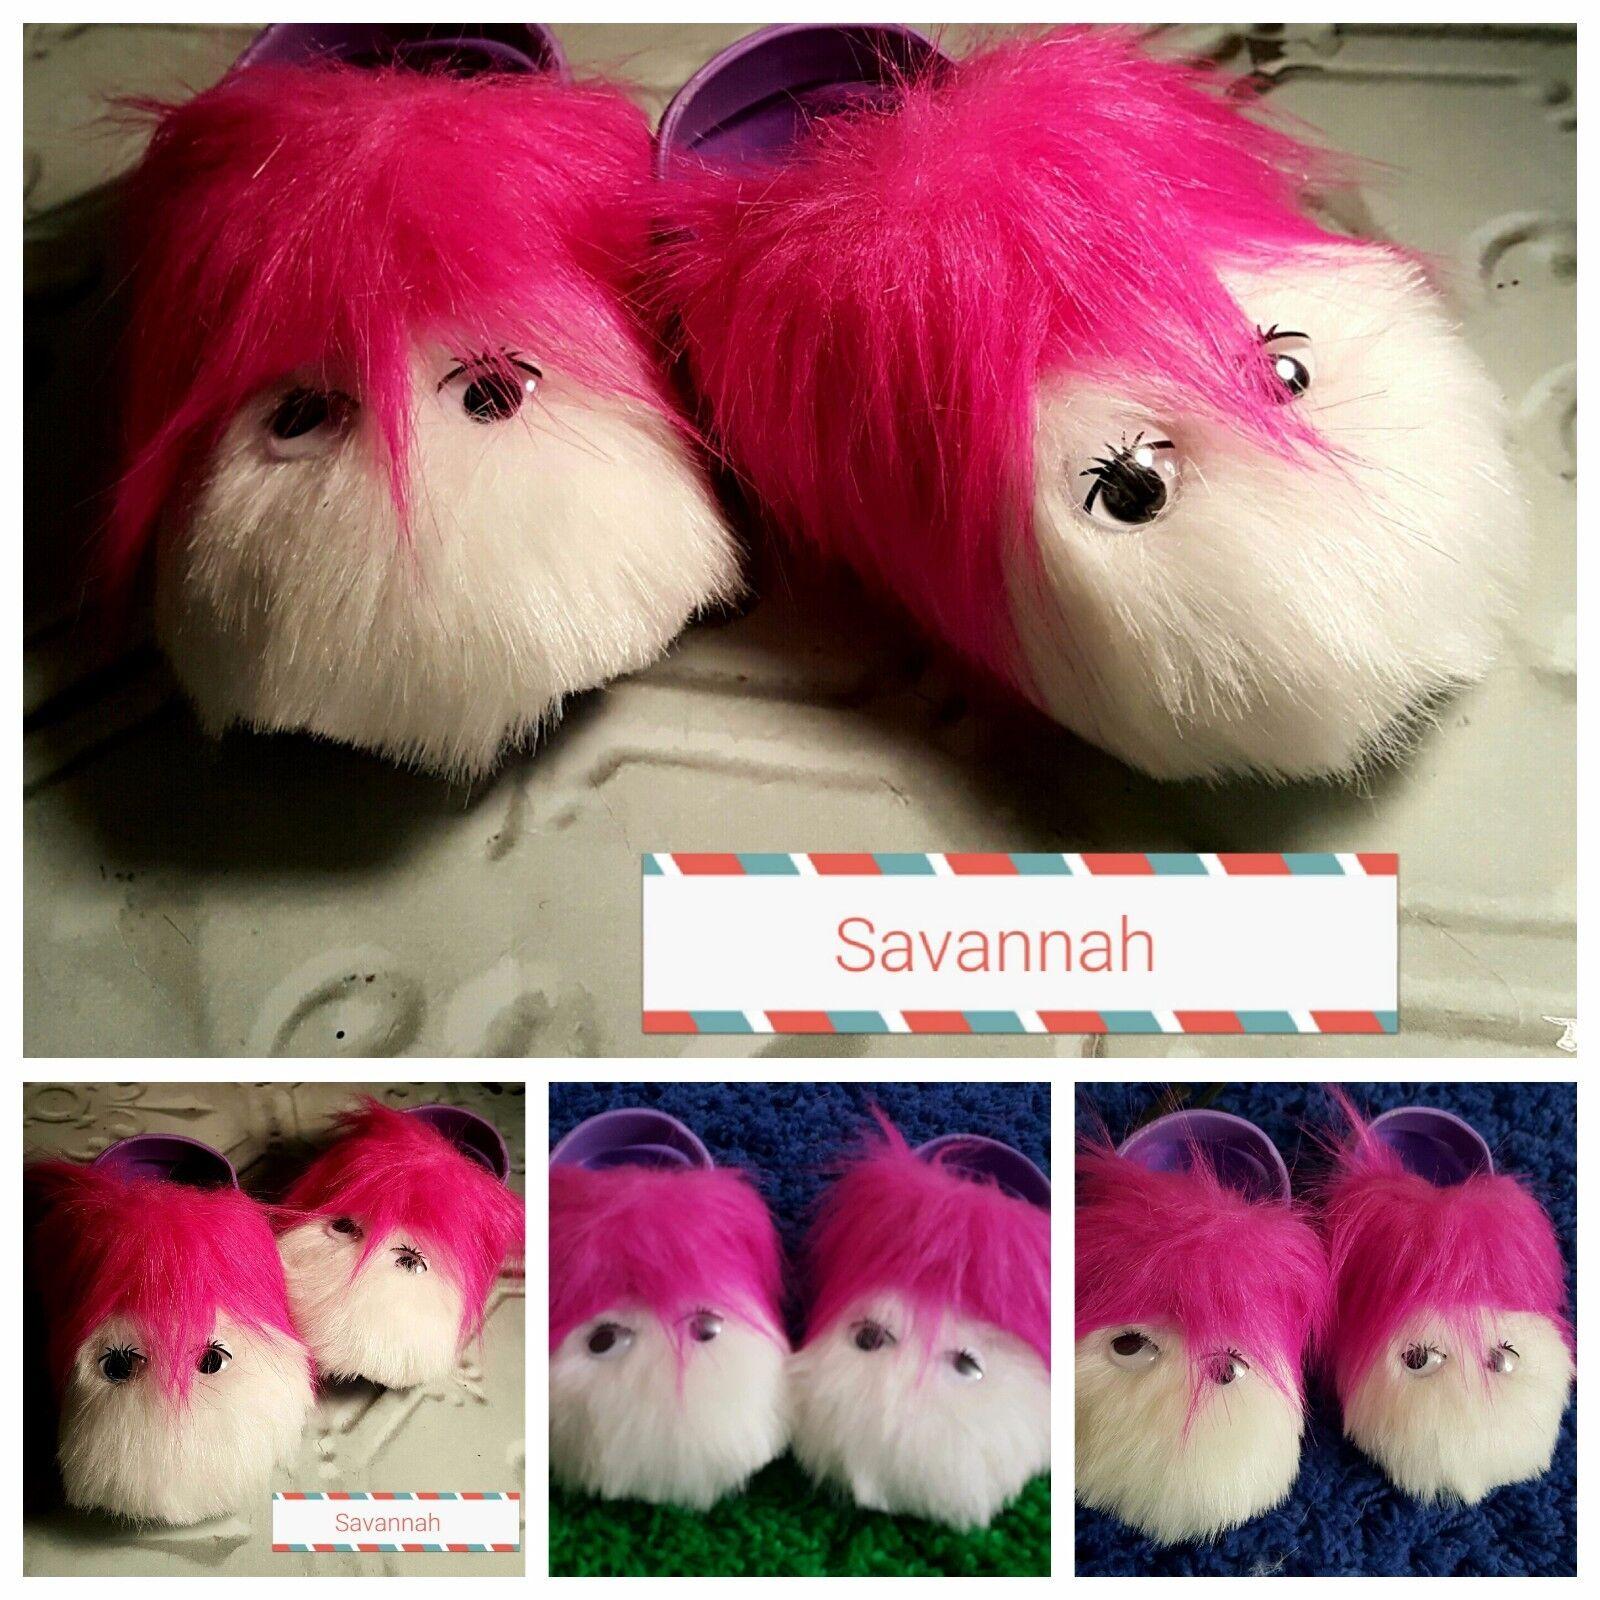 Kids Unisex Fun Furry Novelty Monster Slipper Sandal Gift Mules Pink Animal Shoe